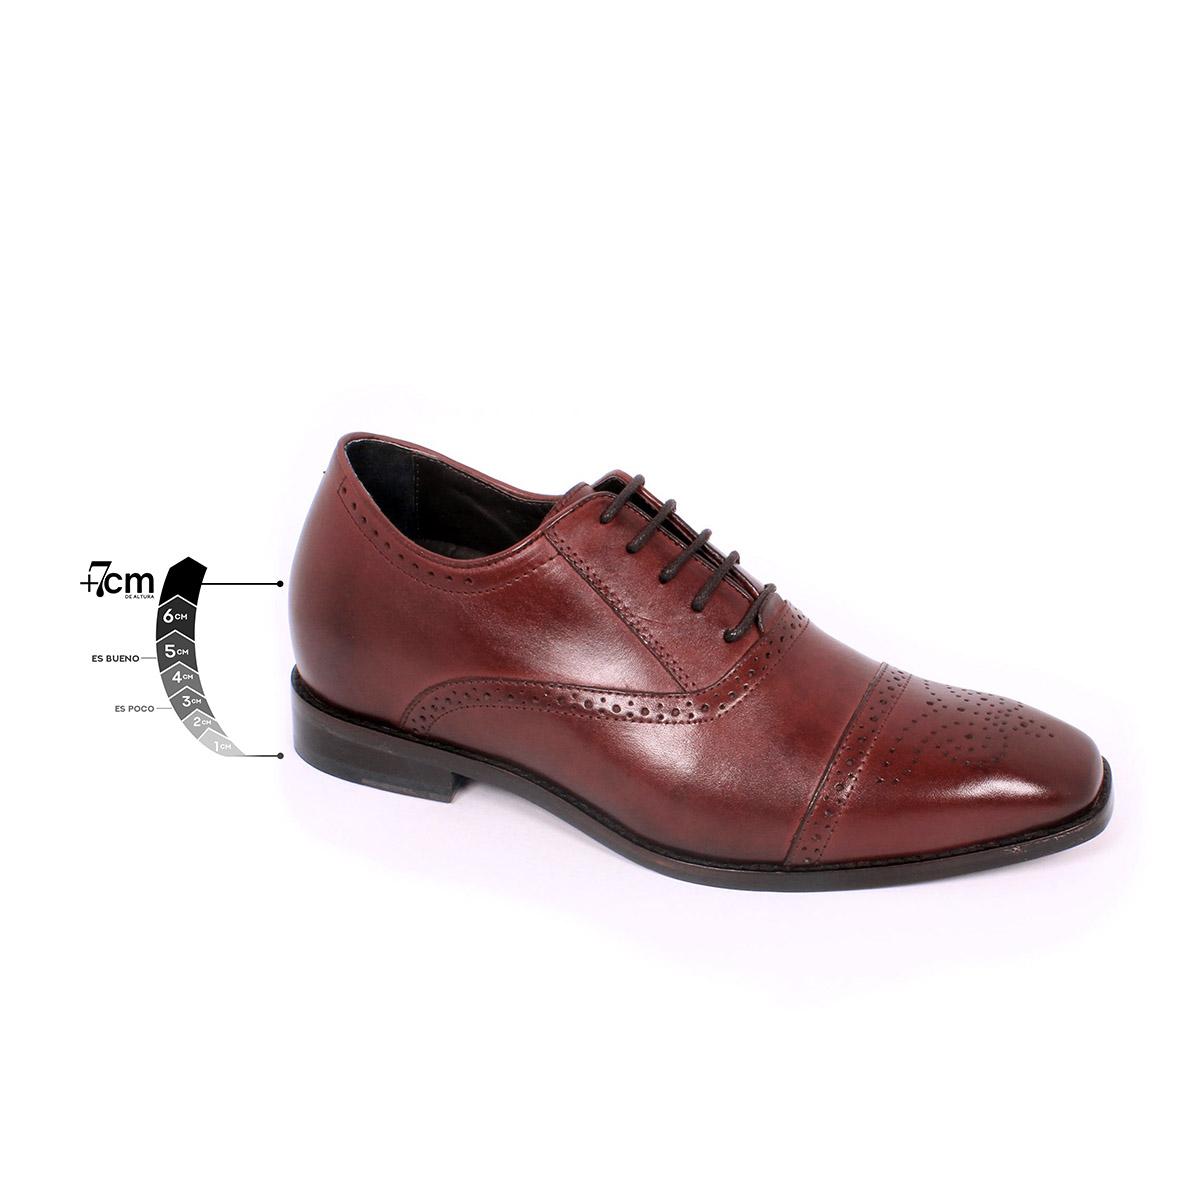 Zapato Formal British Vino Max Denegri +7cms de Altura_75303